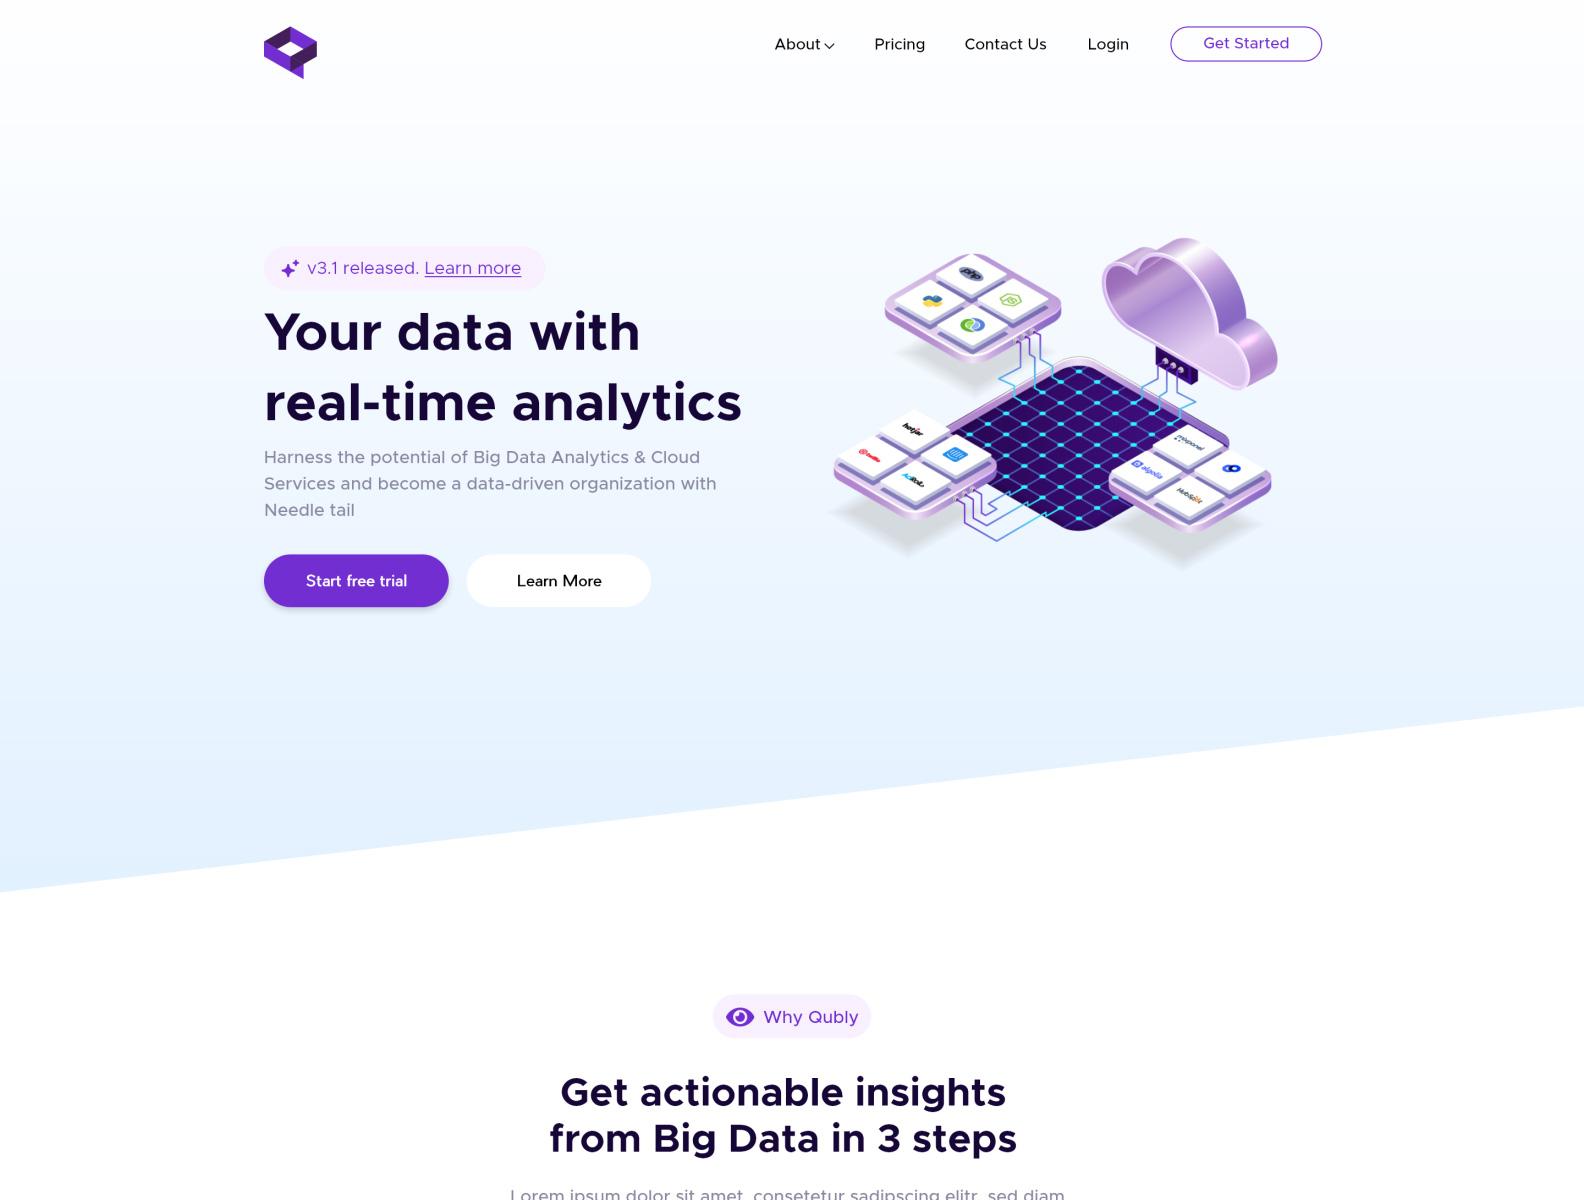 数据分析/集成网站页面设计模板插图1